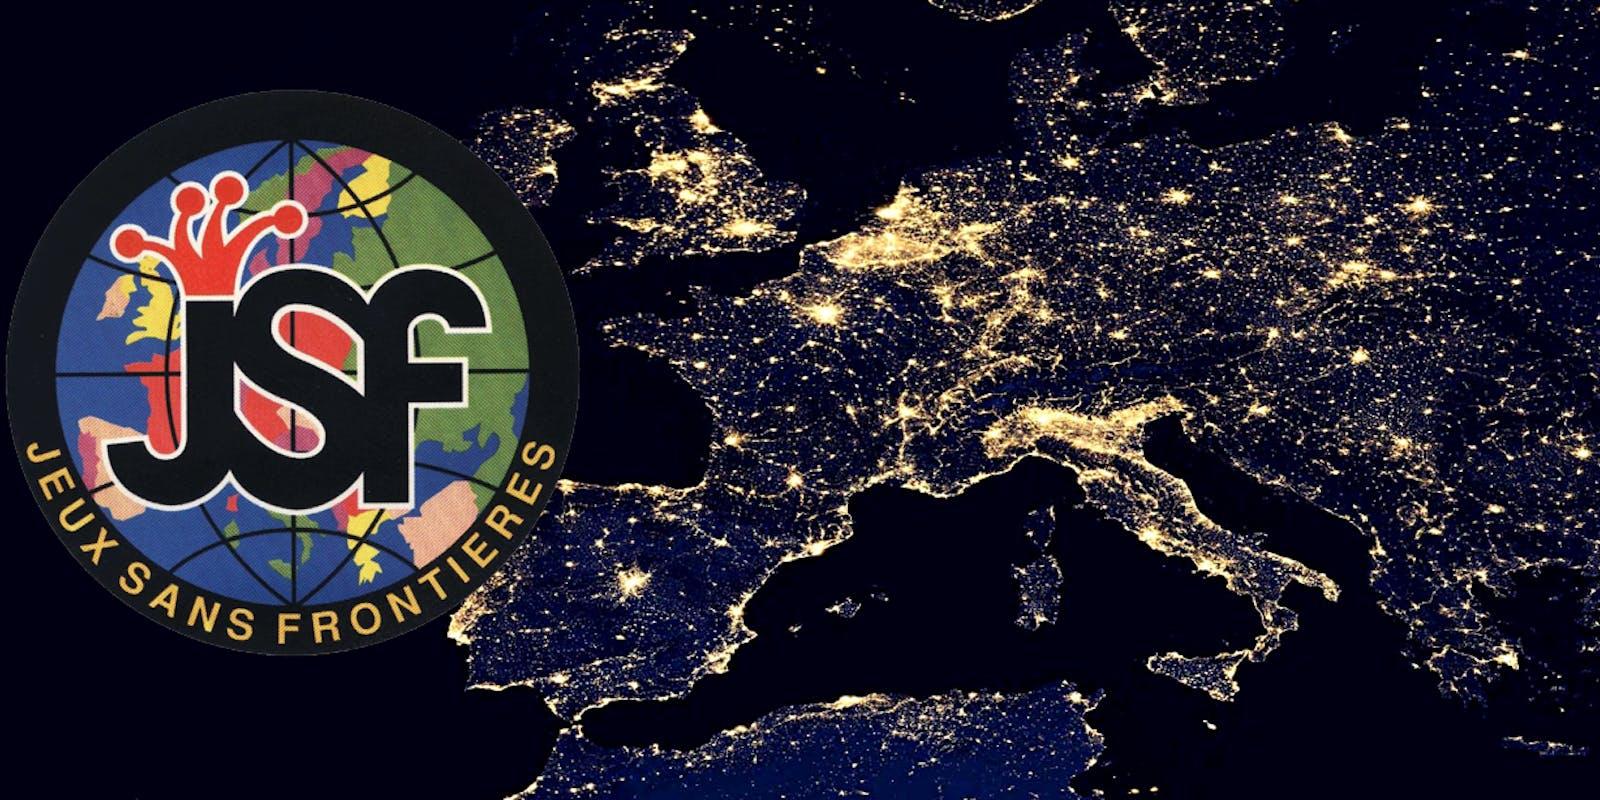 Mon grenier TV : Jeux Sans Frontières